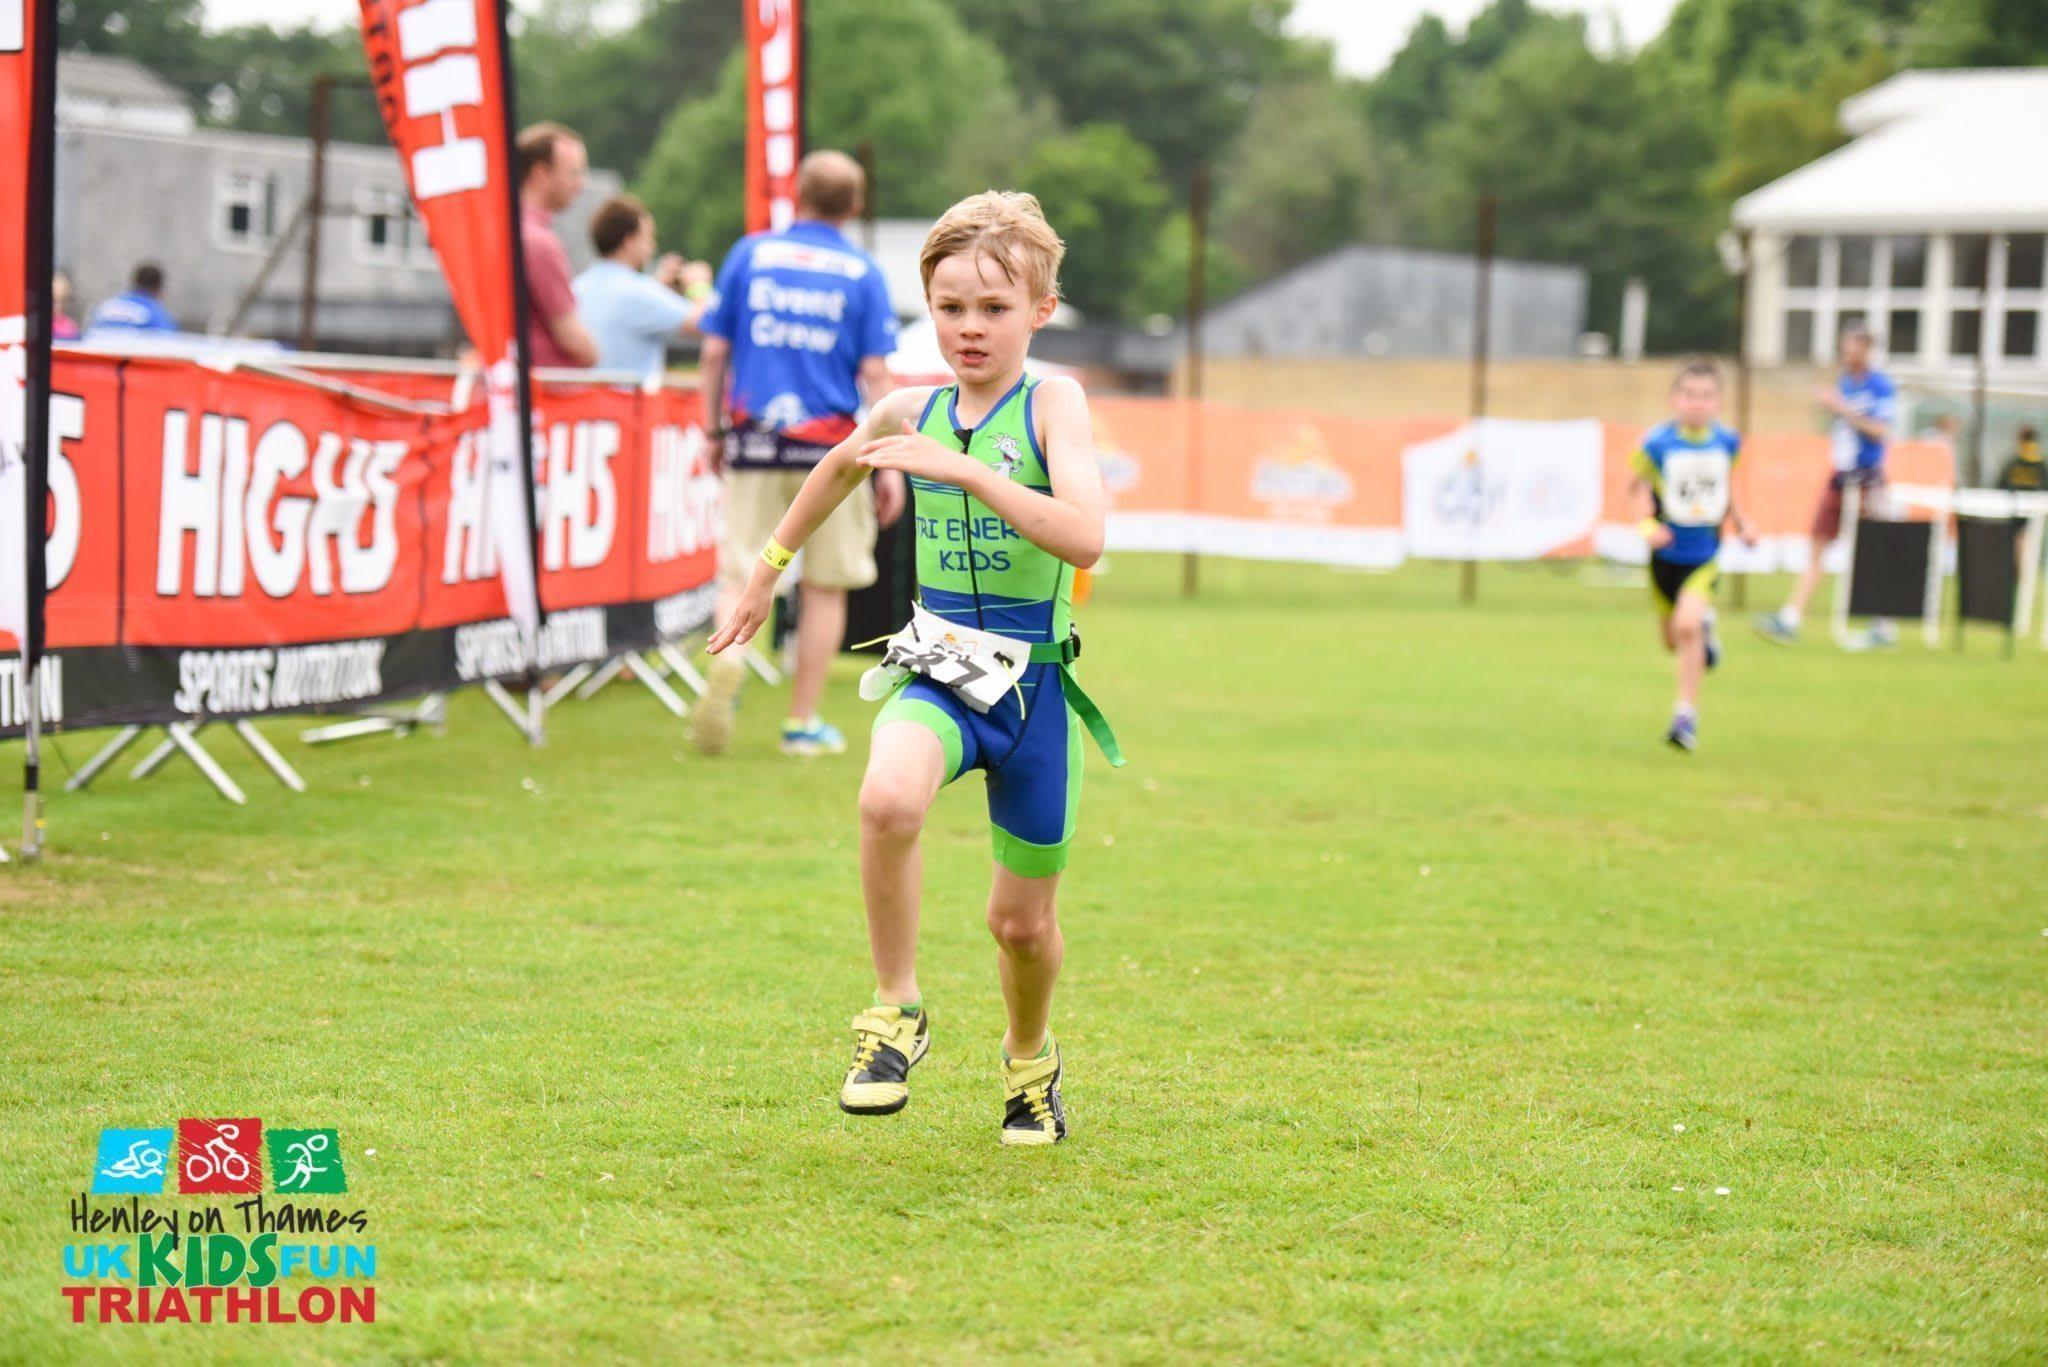 Henley Kids Fun Triathlon